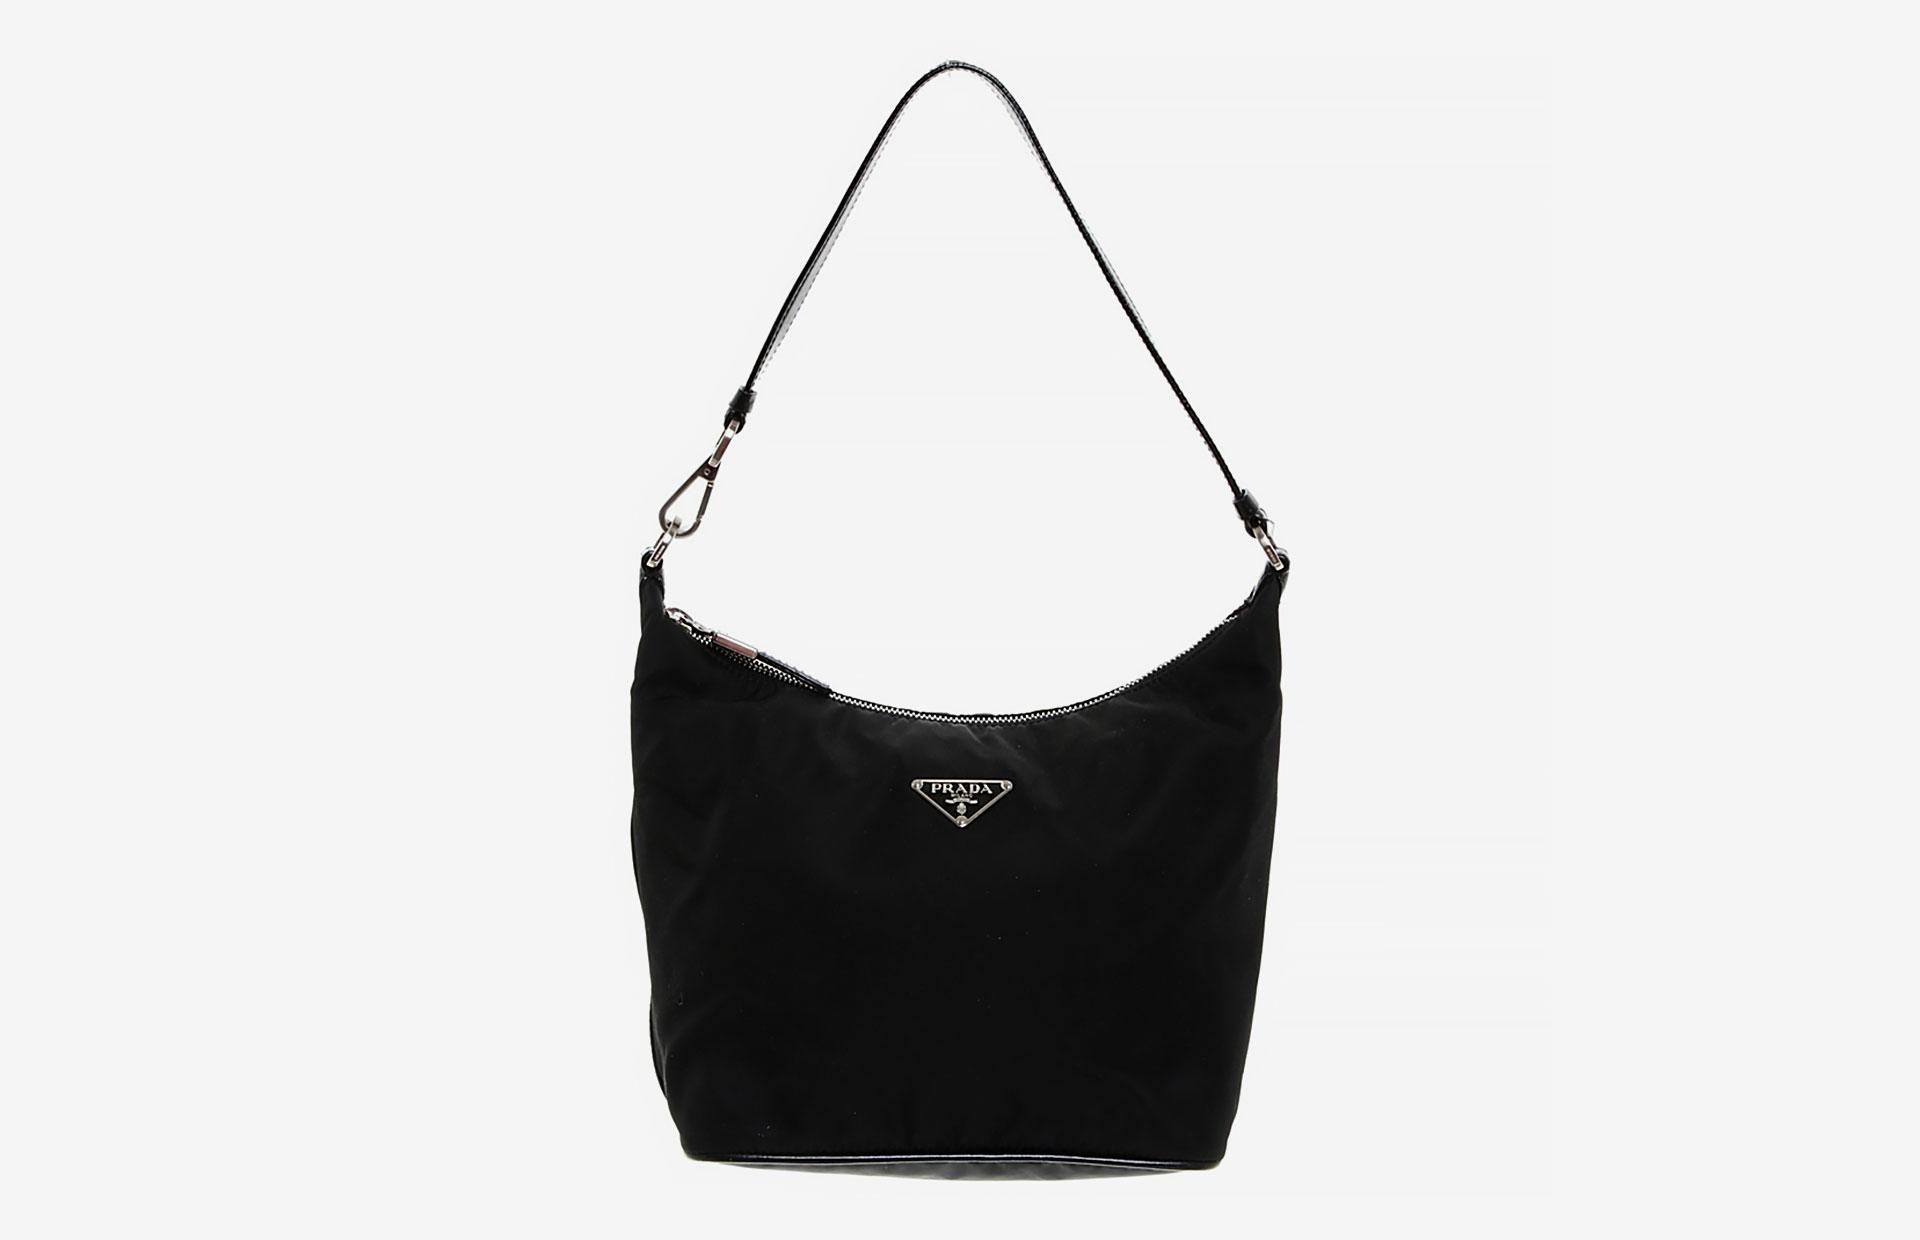 f406c5a18058 Люксовая сумка не за безумные тысячи: почему это модно и где ее купить ::  Мода :: РБК Pink